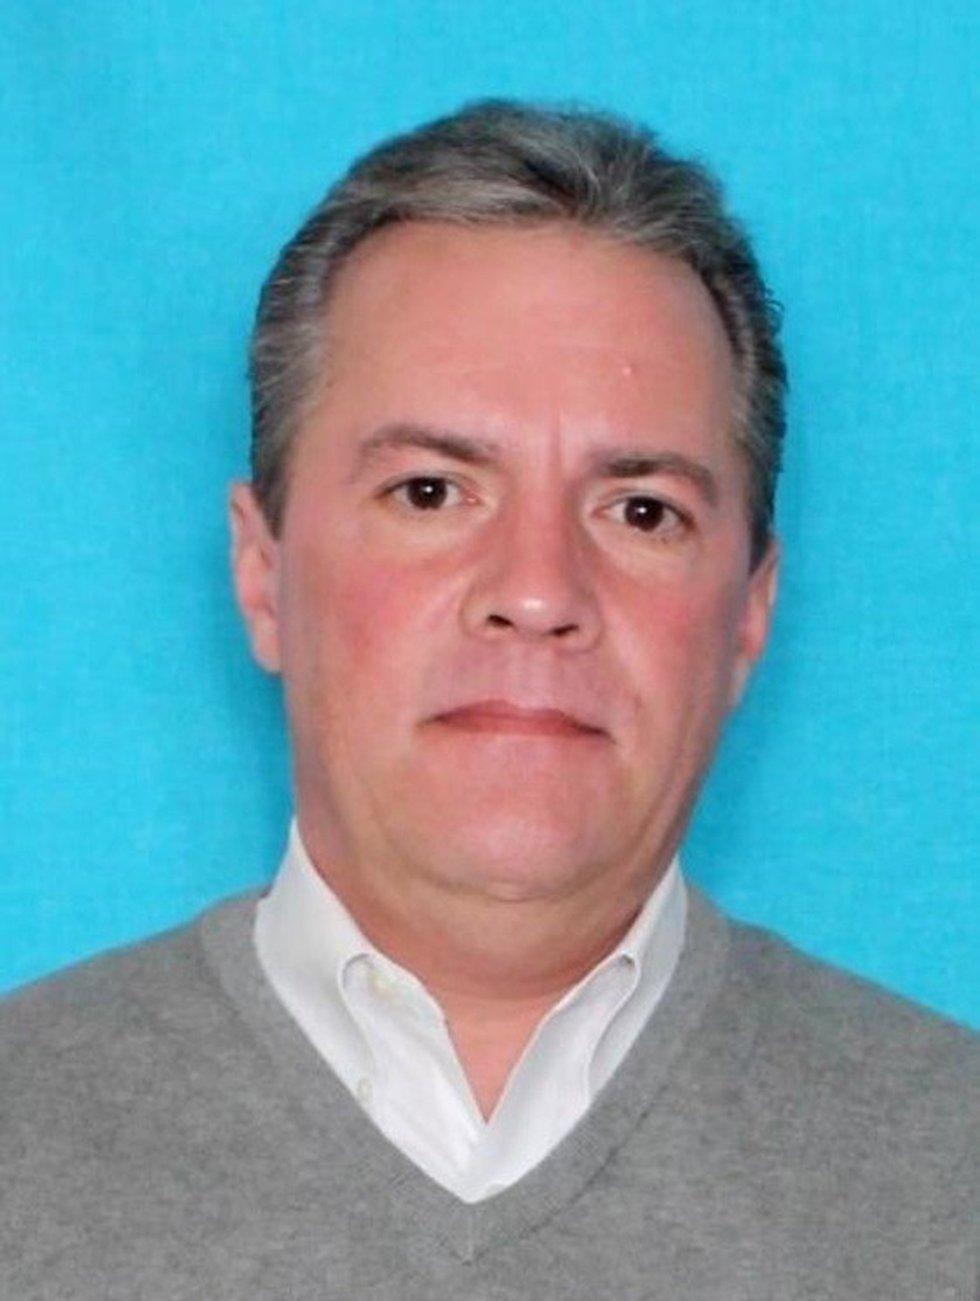 Harold Lejeune, 52